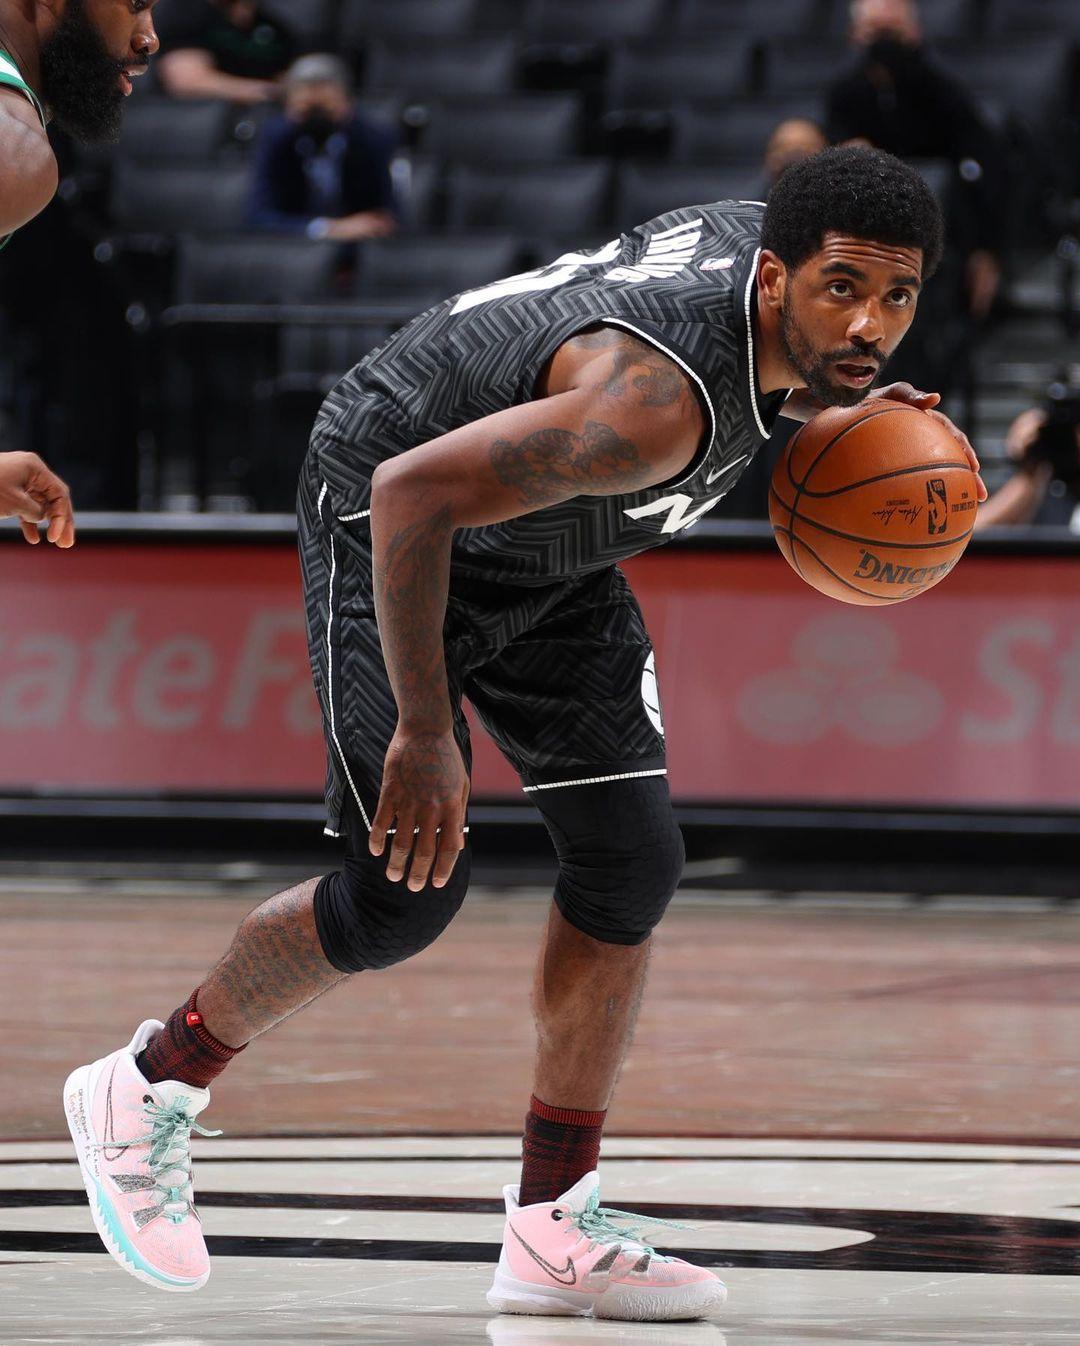 乔,老爷子,上,脚,Jordan,新鞋,近期,NBA,脚太,  乔老爷子上脚 Jordan 新鞋!近期 NBA 上脚太精彩!